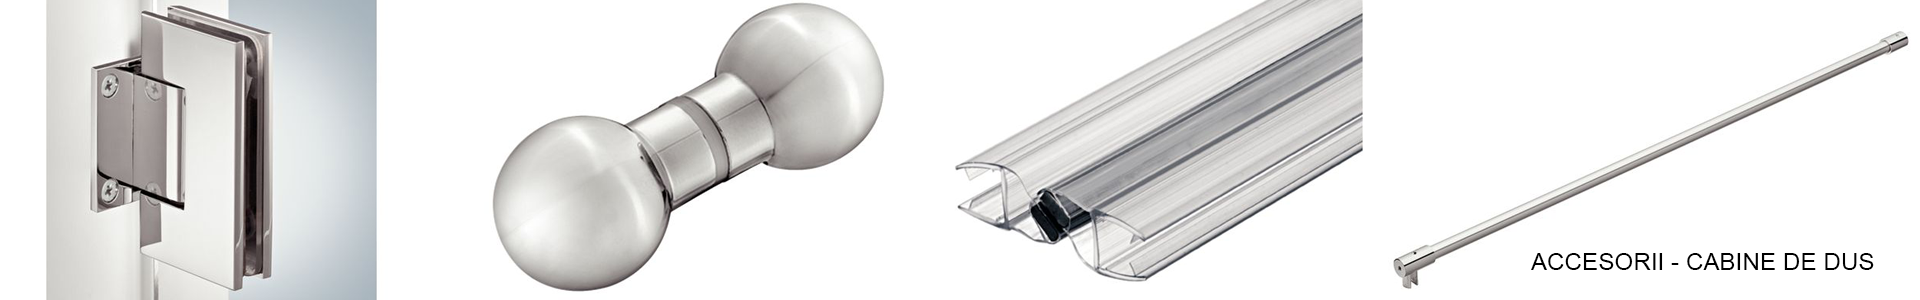 accesorii-cabine-de-dus-sisteme-sticla-ro